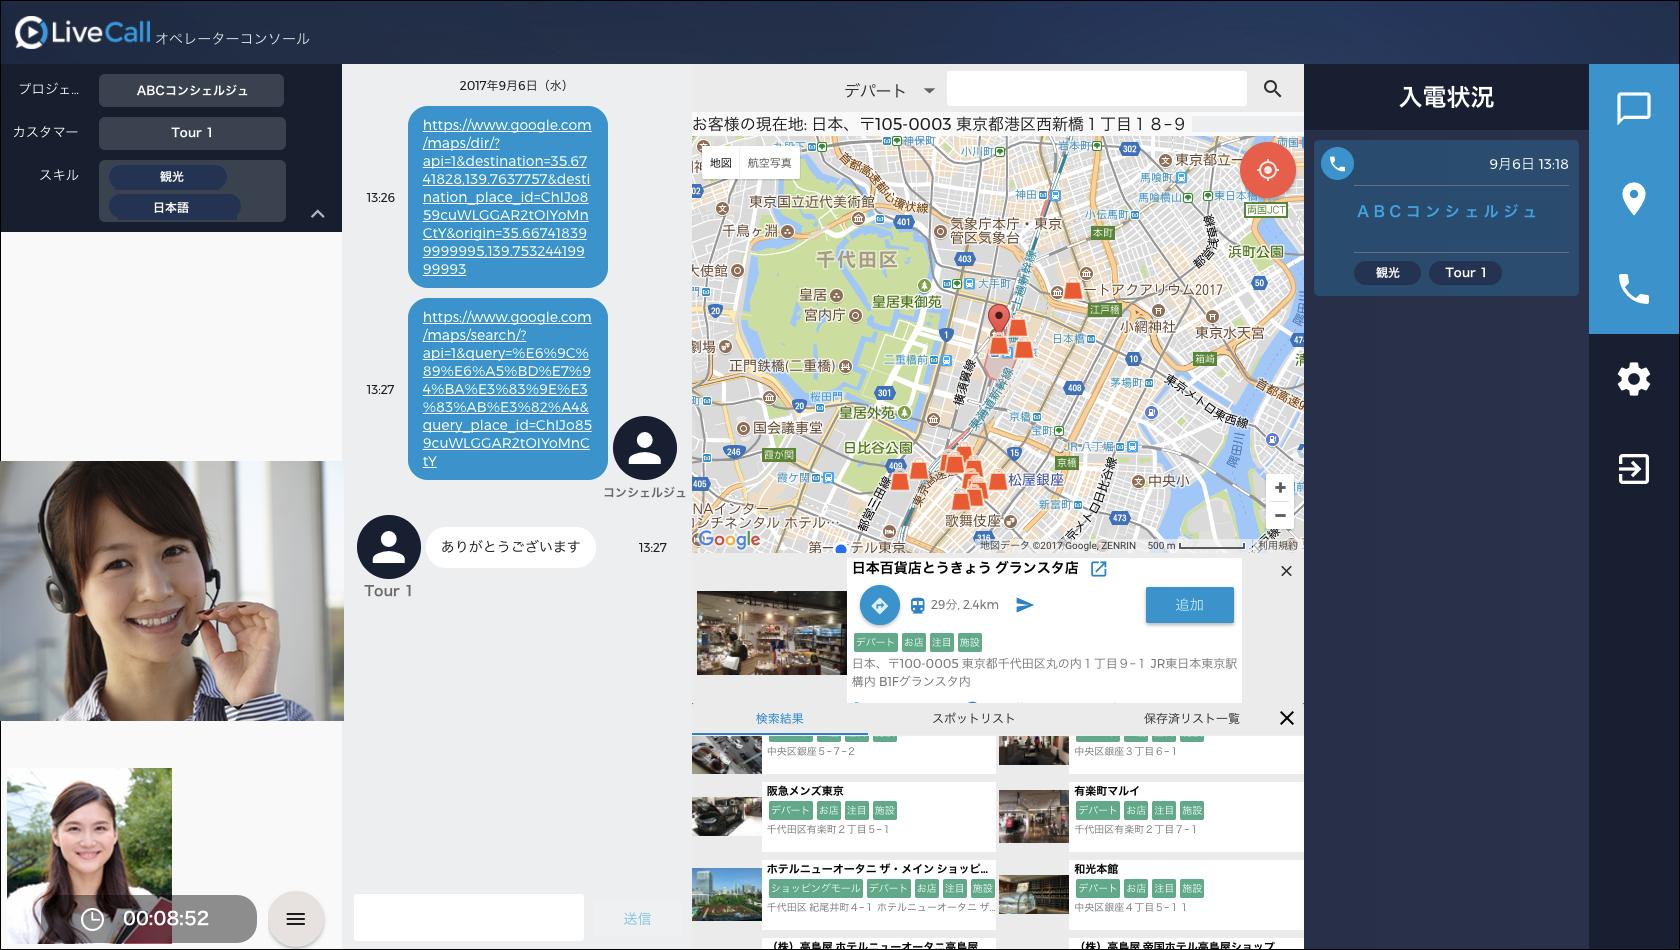 位置情報機能でビデオ通話中にスポット情報を検索して観光案内ができます。